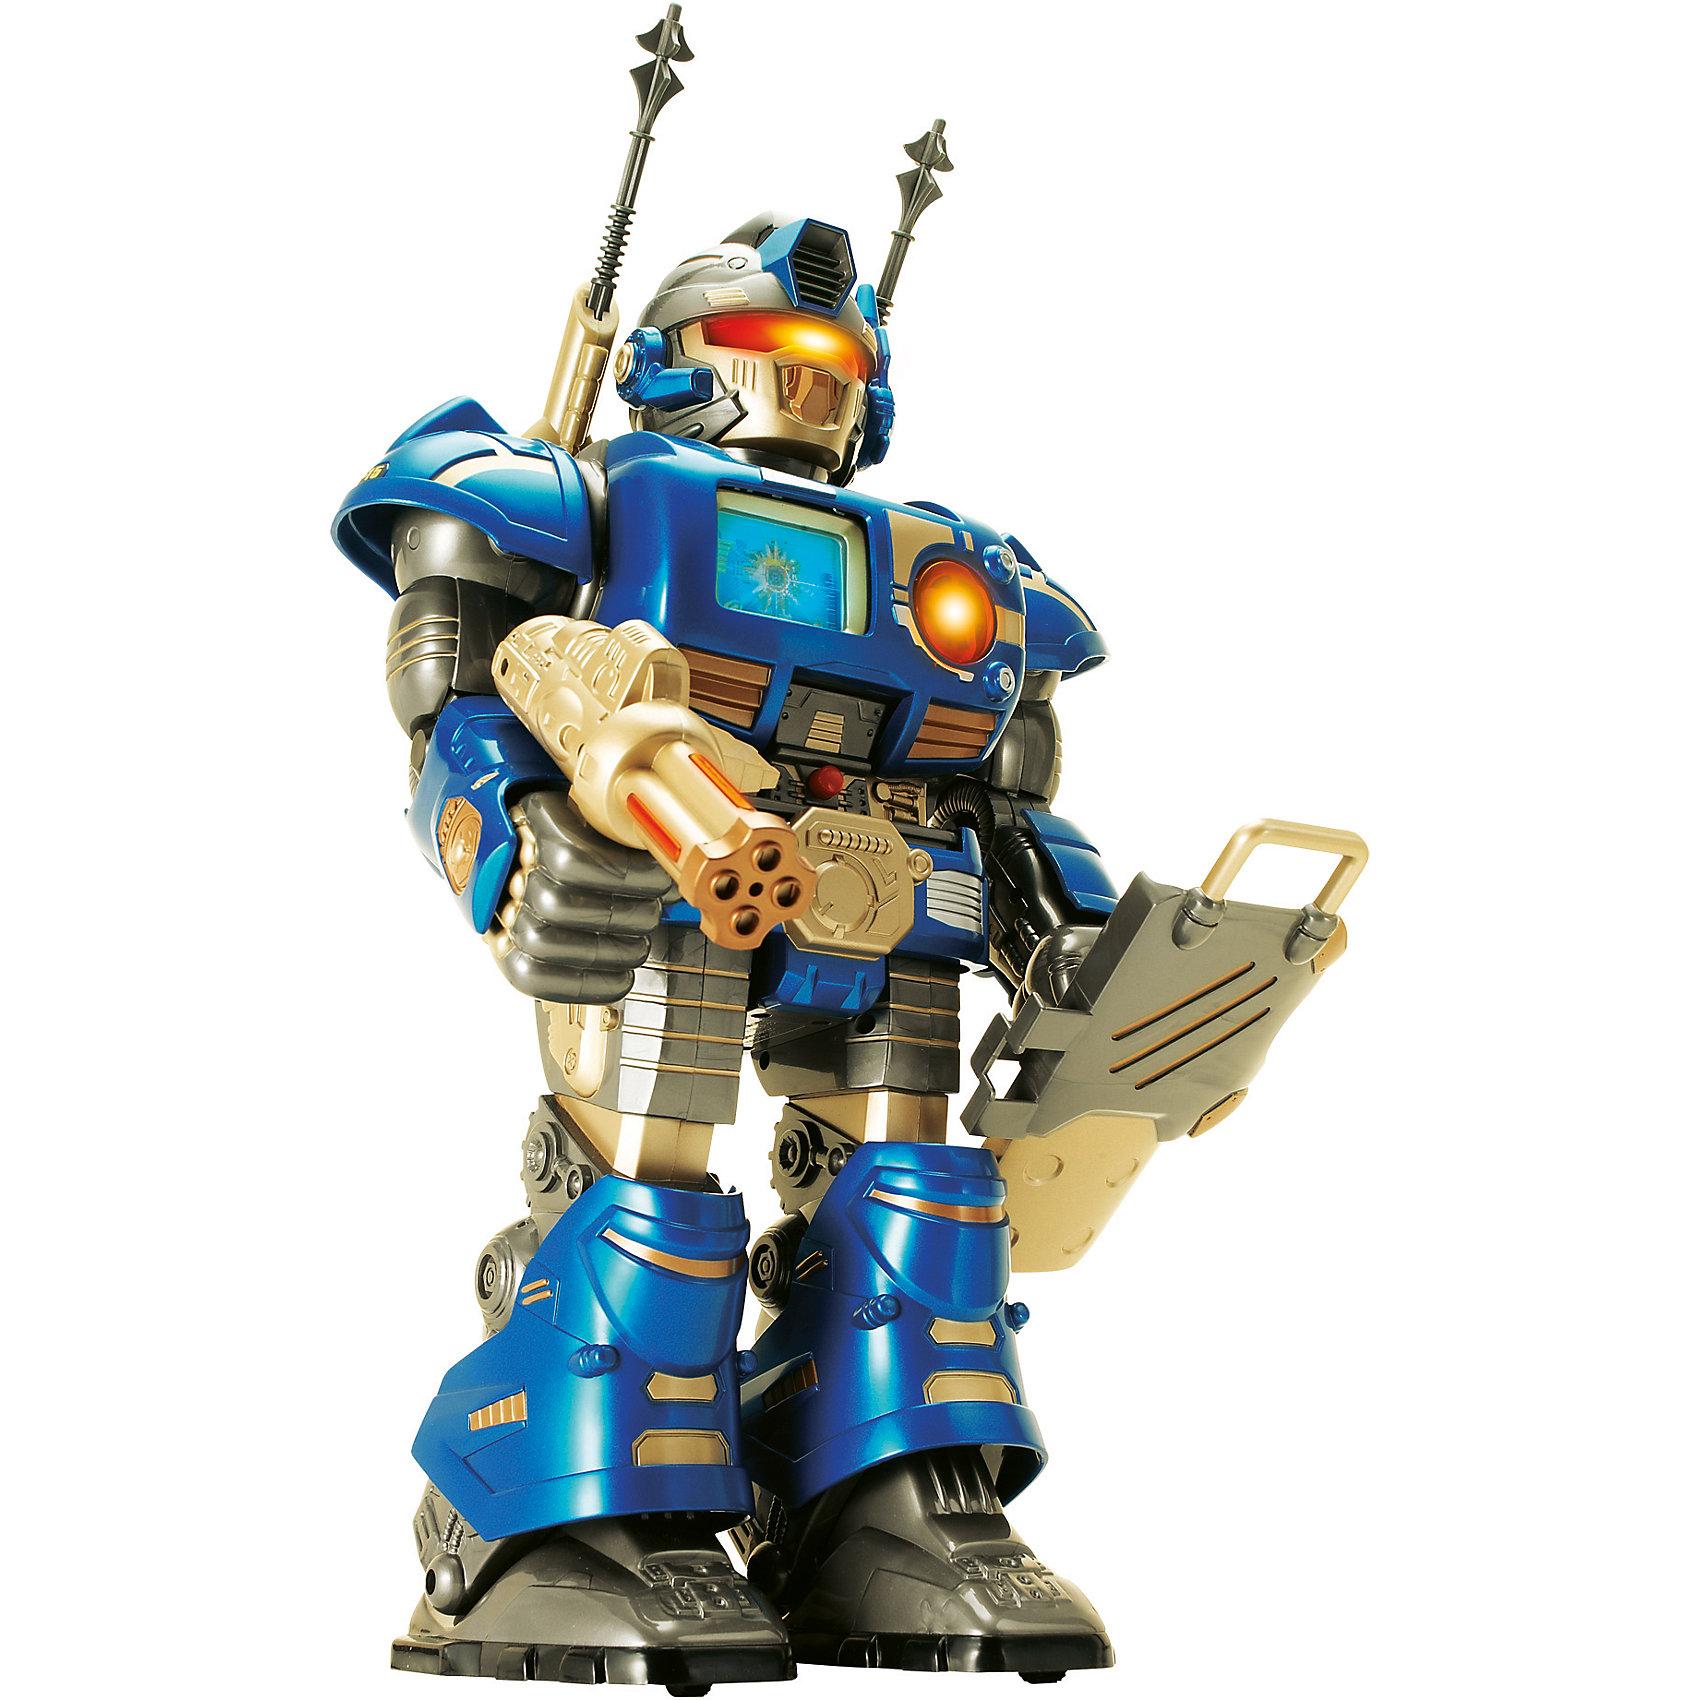 Робот-сержант синий, на и/к управлении, 38 см, HAP-P-KIDРоботы<br>Робот-сержант на и/к управлении от HAP-P-KID классный подарок любителю робототехники! Большой, классный Робот восхитит Вашего мальчика, ведь он оснащен по последнему слову техники. Благодаря удобному и понятному пульту управления Робот-сержант будет выполнять любые команды: двигаться, поднимать оружие, поворачивать голову. Все движения Робота сопровождаются классными звуковыми и световыми эффектами, поэтому играть с ним очень увлекательно. Робот-сержант - настоящий боевой робот: у него несколько видов вооружения и прочные съемные доспехи. <br>Главная особенность Робота-сержанта настоящий анимационный экран на груди! Устраивать битвы с таким бойцом одно удовольствие! Собирайтесь с друзьями и решайте чей робот самый сильный! <br>Игры с роботами развивают у мальчишек сообразительность и логическое мышление.<br><br>Дополнительная информация: <br><br>- В наборе:  робот (без ракет на плечах), пульт дистанционного управления, доспехи, оружие;<br>- Робот движется вперед, поднимает руки, поворачивает голову;<br>- Анимационный экран;<br>- Световые и звуковые эффекты;<br>- Работает от батареек: 3 батарейки типа ААА - для пульта, 4 батарейки типа АА - для робота;<br>- Прекрасный подарок мальчишке;<br>- Цвет: синий;<br>- Высота игрушки: 38 см;<br>- Размер упаковки: 33 х 13,3 х 40,6;<br>- Вес: 1,8 кг<br><br>Робота-сержанта синего, на и/к управлении, 38 см, HAP-P-KID можно купить в нашем интернет-магазине<br><br>Ширина мм: 330<br>Глубина мм: 133<br>Высота мм: 406<br>Вес г: 1880<br>Возраст от месяцев: 36<br>Возраст до месяцев: 84<br>Пол: Мужской<br>Возраст: Детский<br>SKU: 4001659